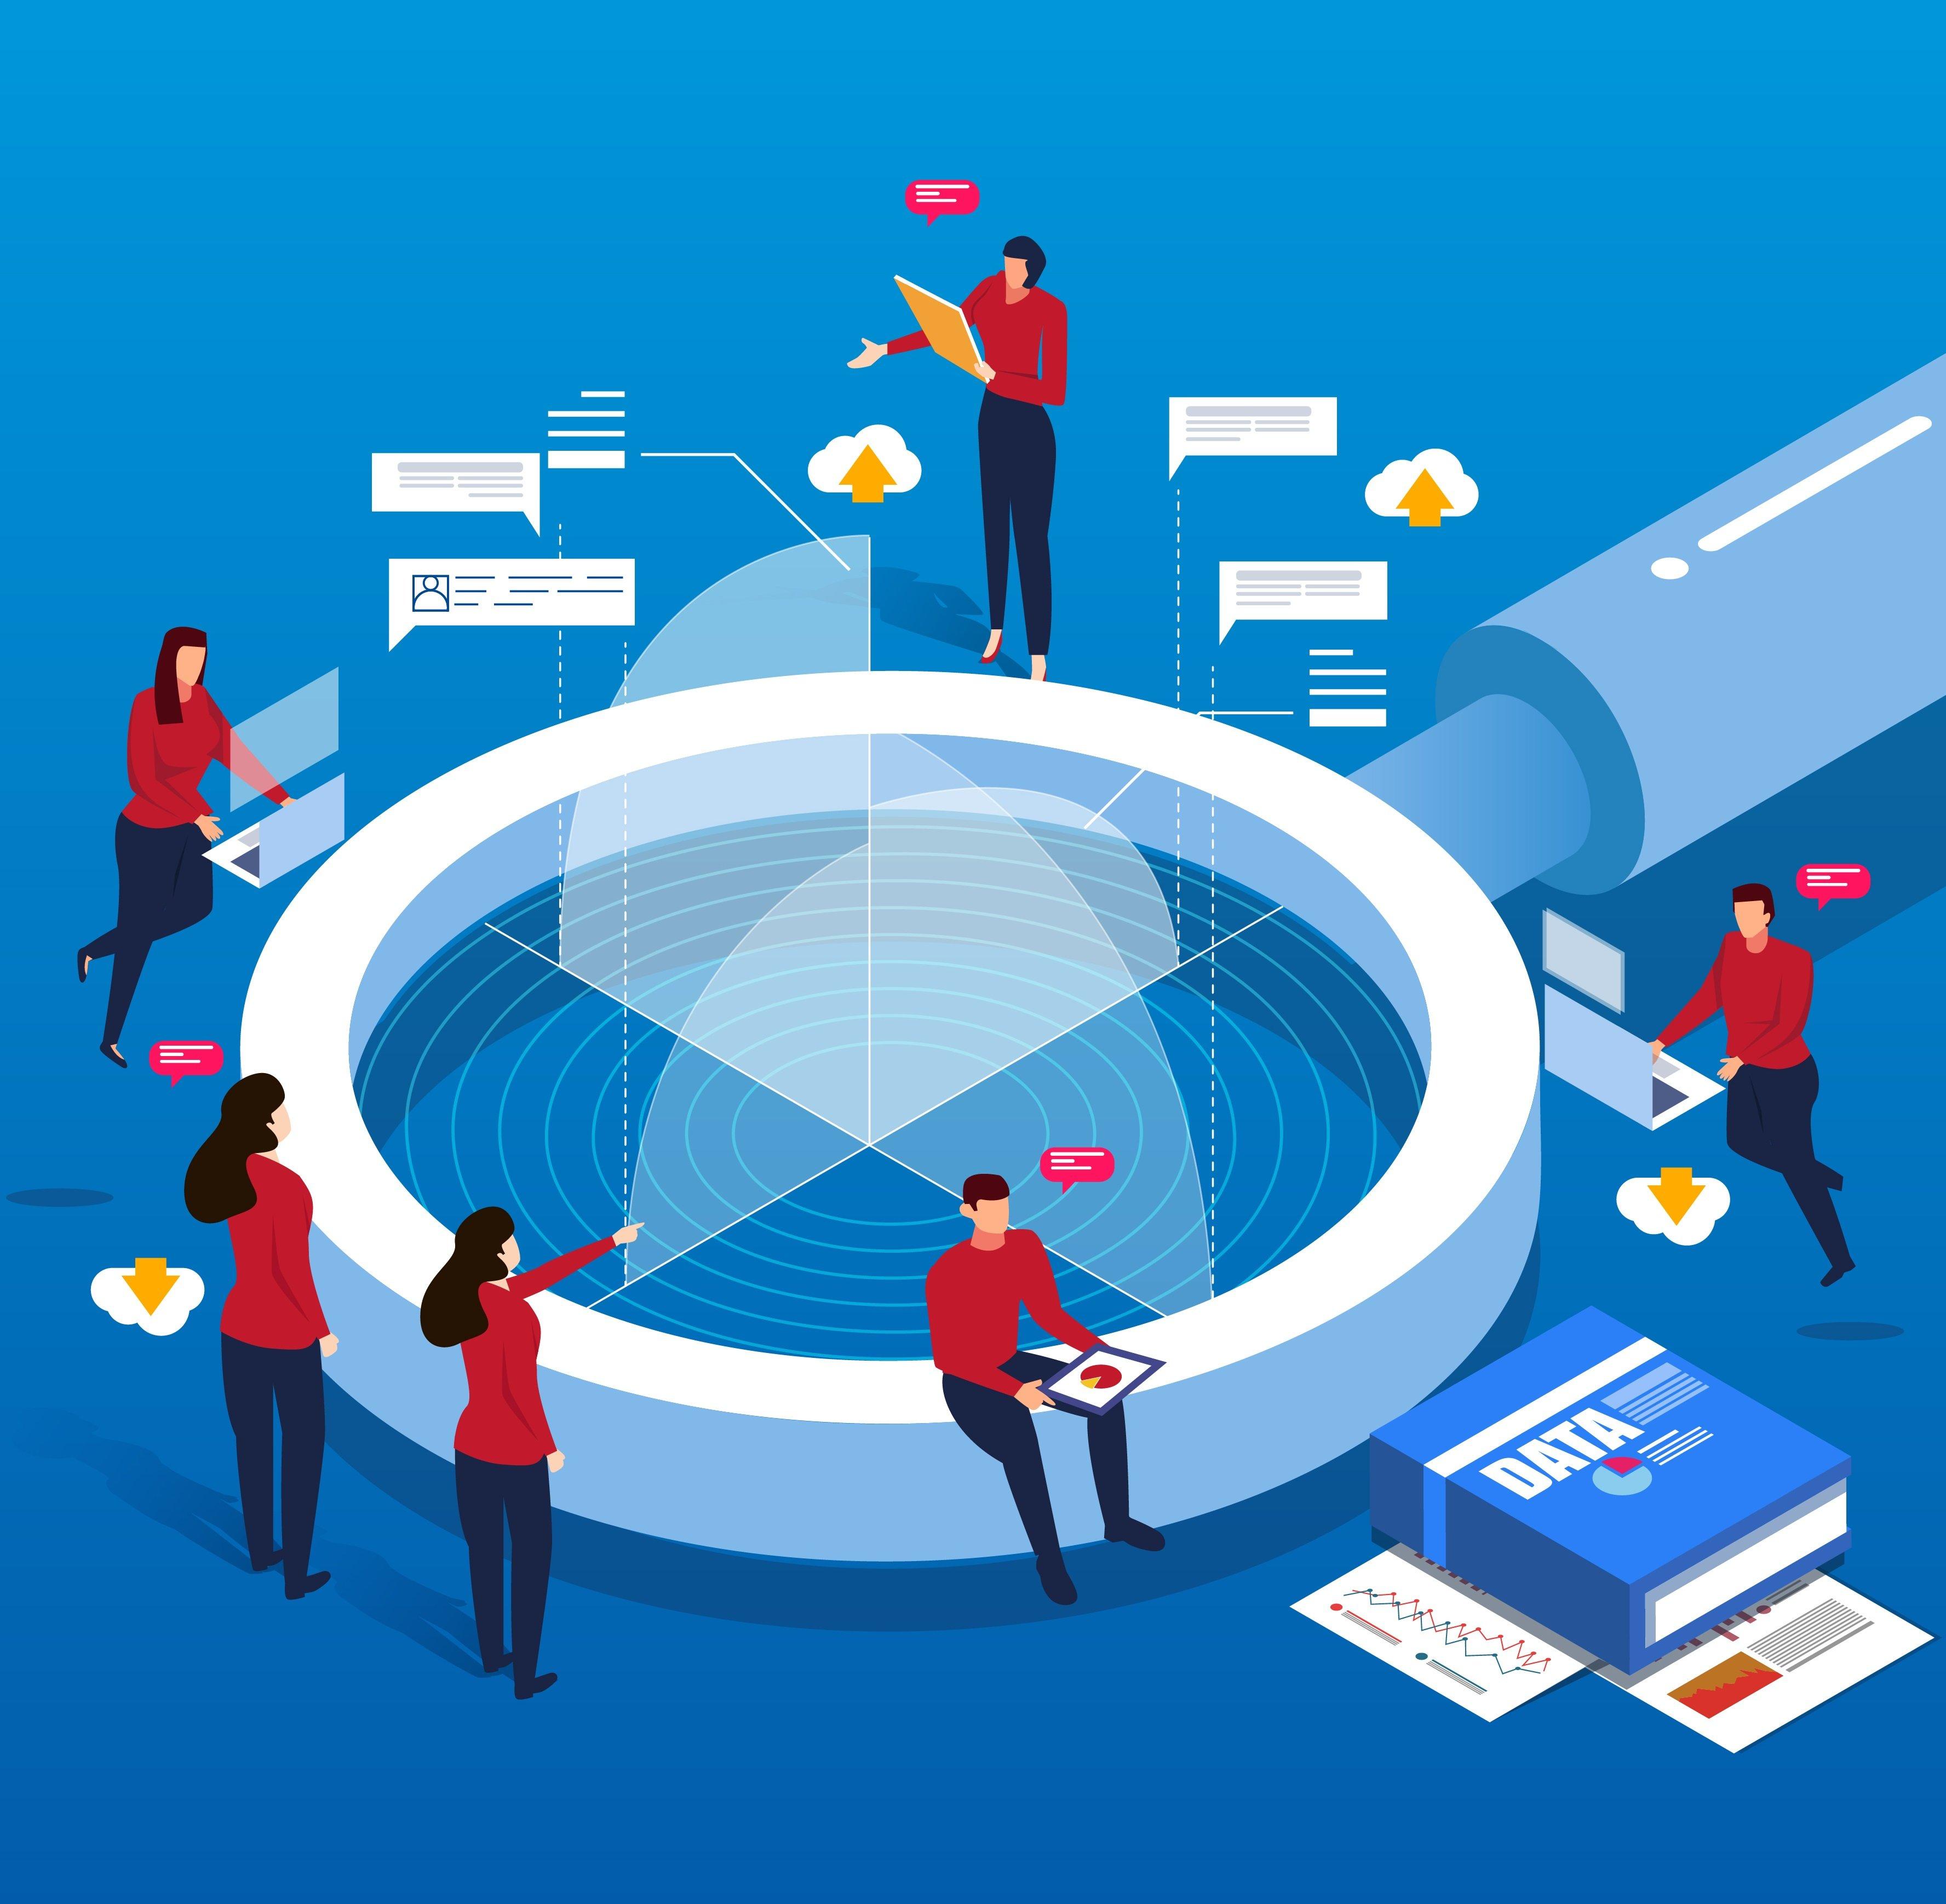 Бизнес идеи перспектива идей бизнеса в стерлитамаке